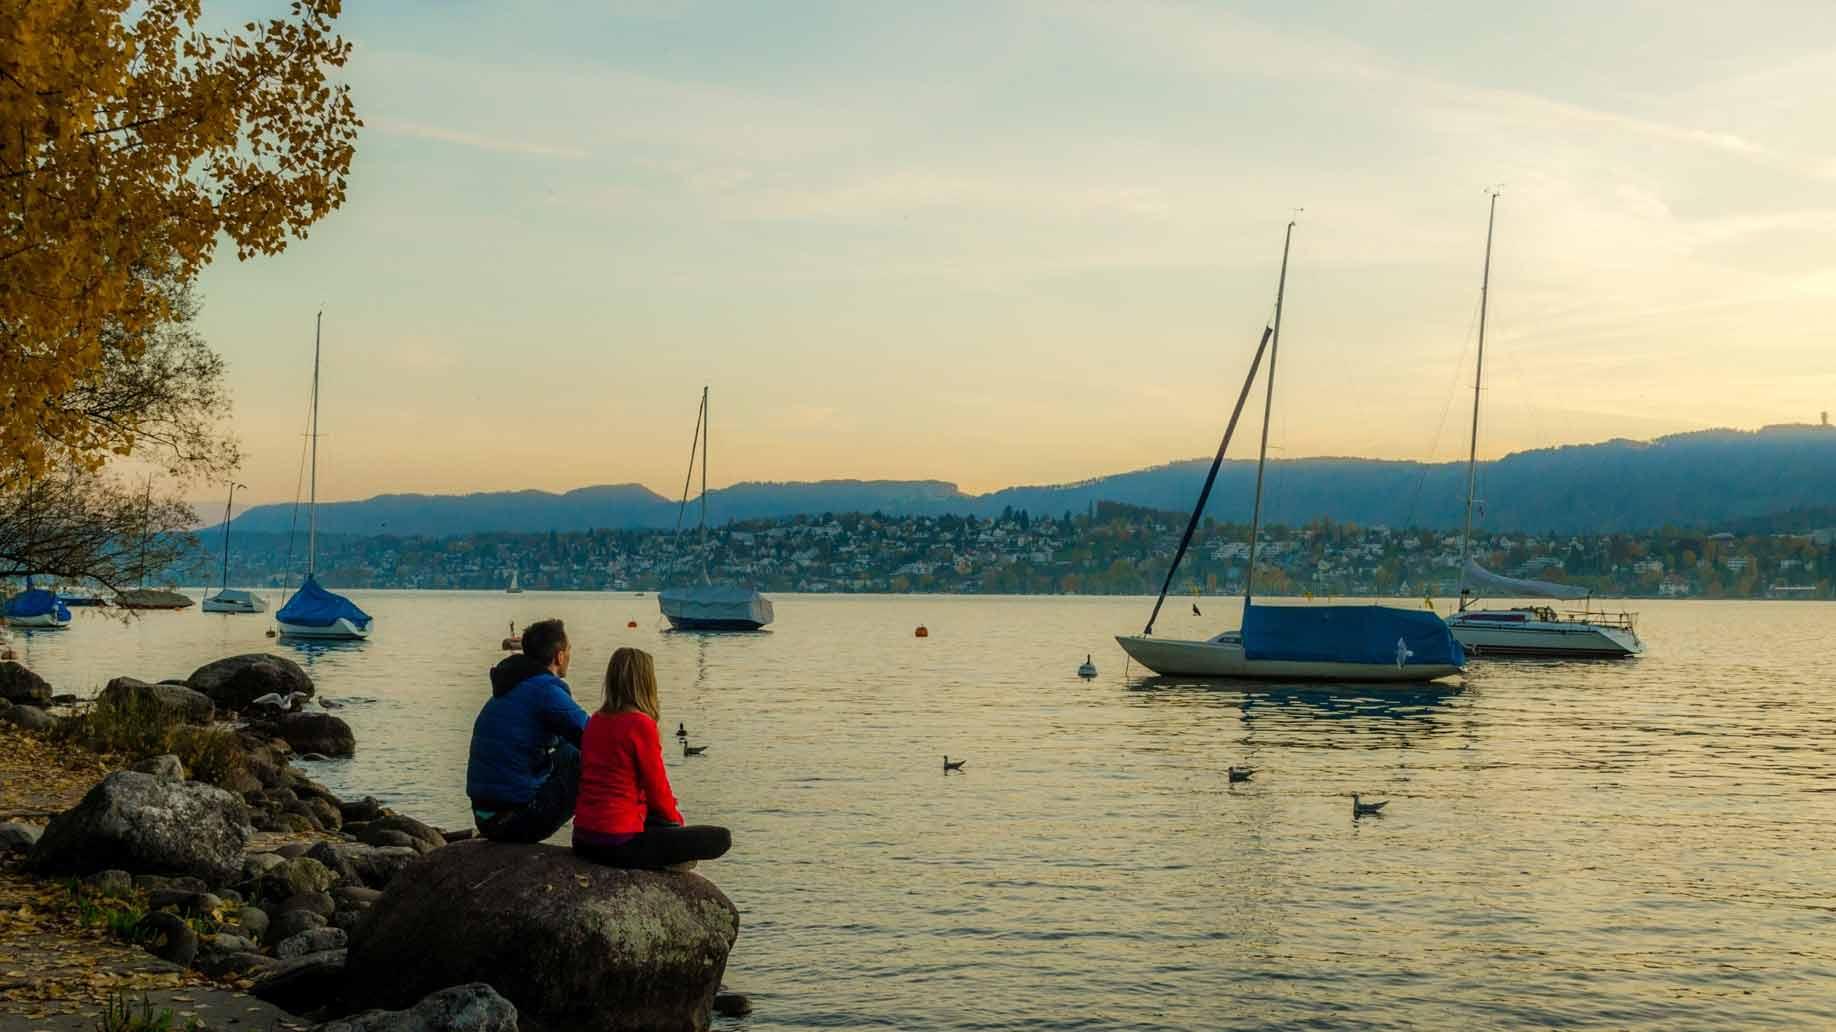 بحيرة النزهة زيورخ من اجمل الاماكن في سويسرا تعرف على السياحة في زيورخ سويسرا و اهم الاماكن السياحية في زيورخ و المناطق السياحية في زيورخ من خلال الموضوع هذا